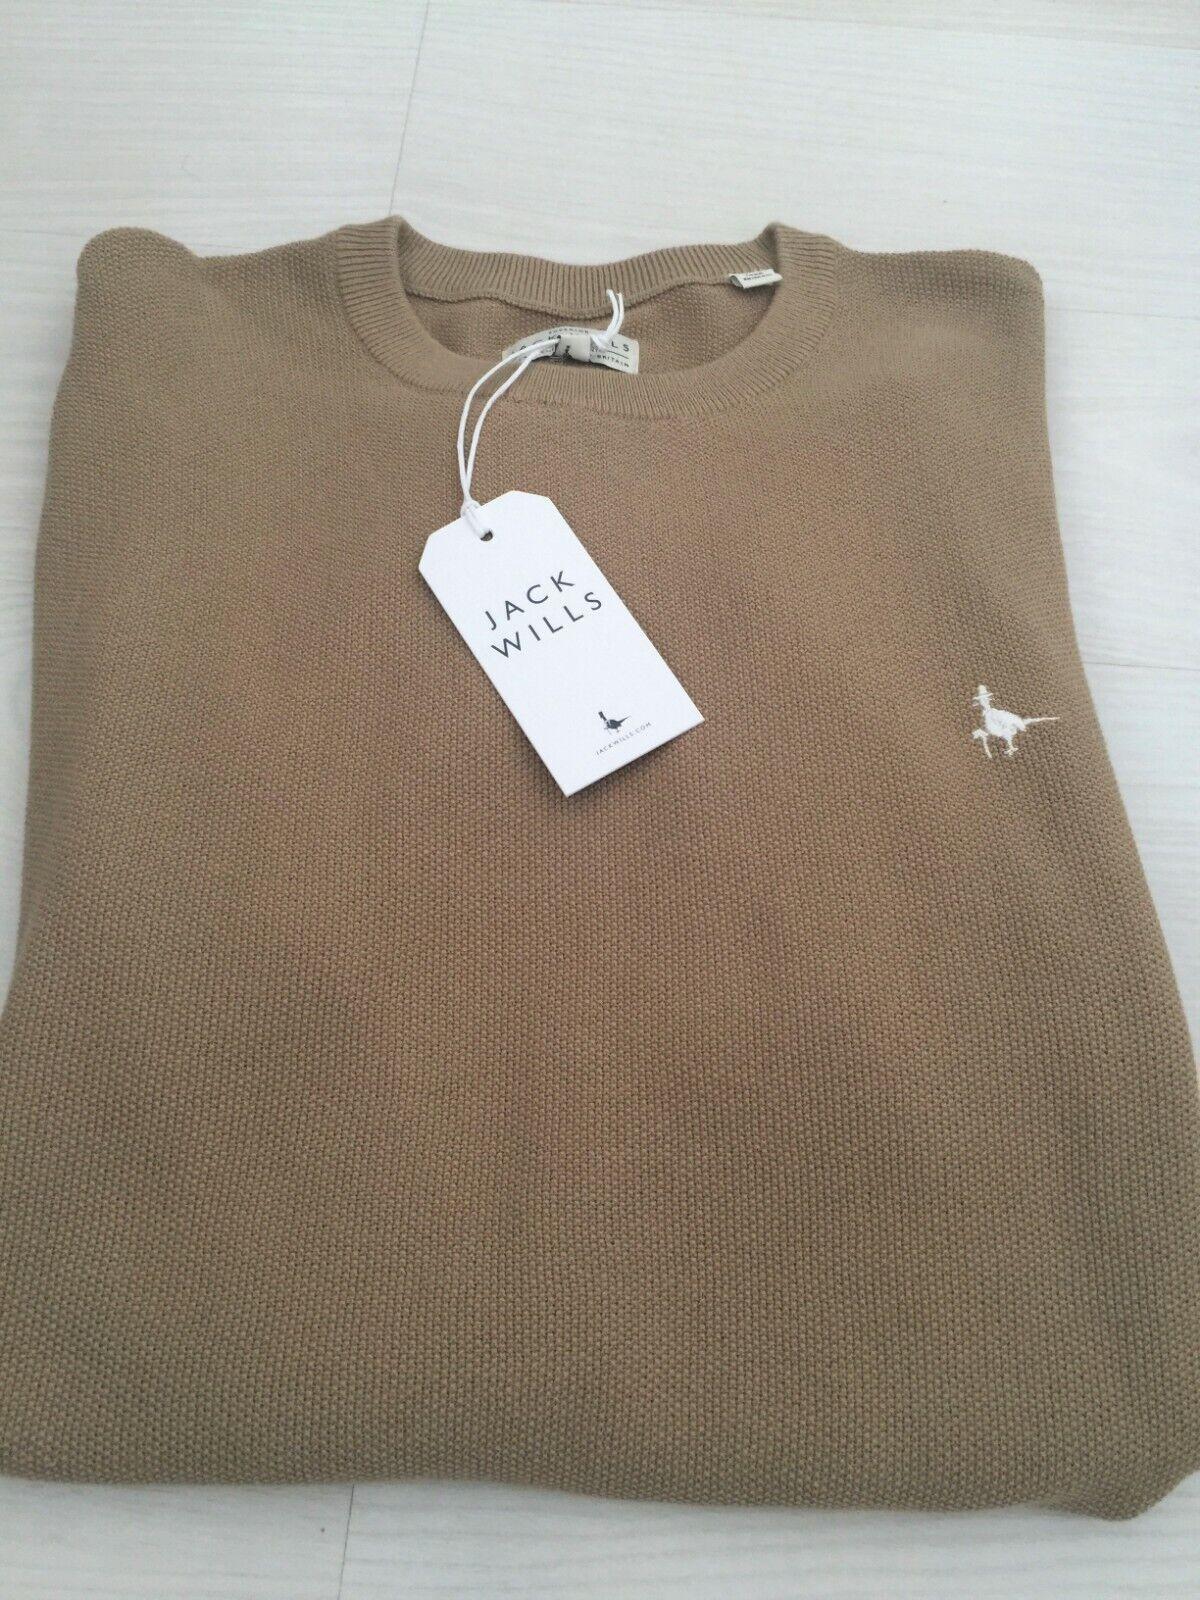 JACK Wills uomo sabbia Crew maglione a girocollo taglia M di marca nuovo etichettato  Festa del Papà